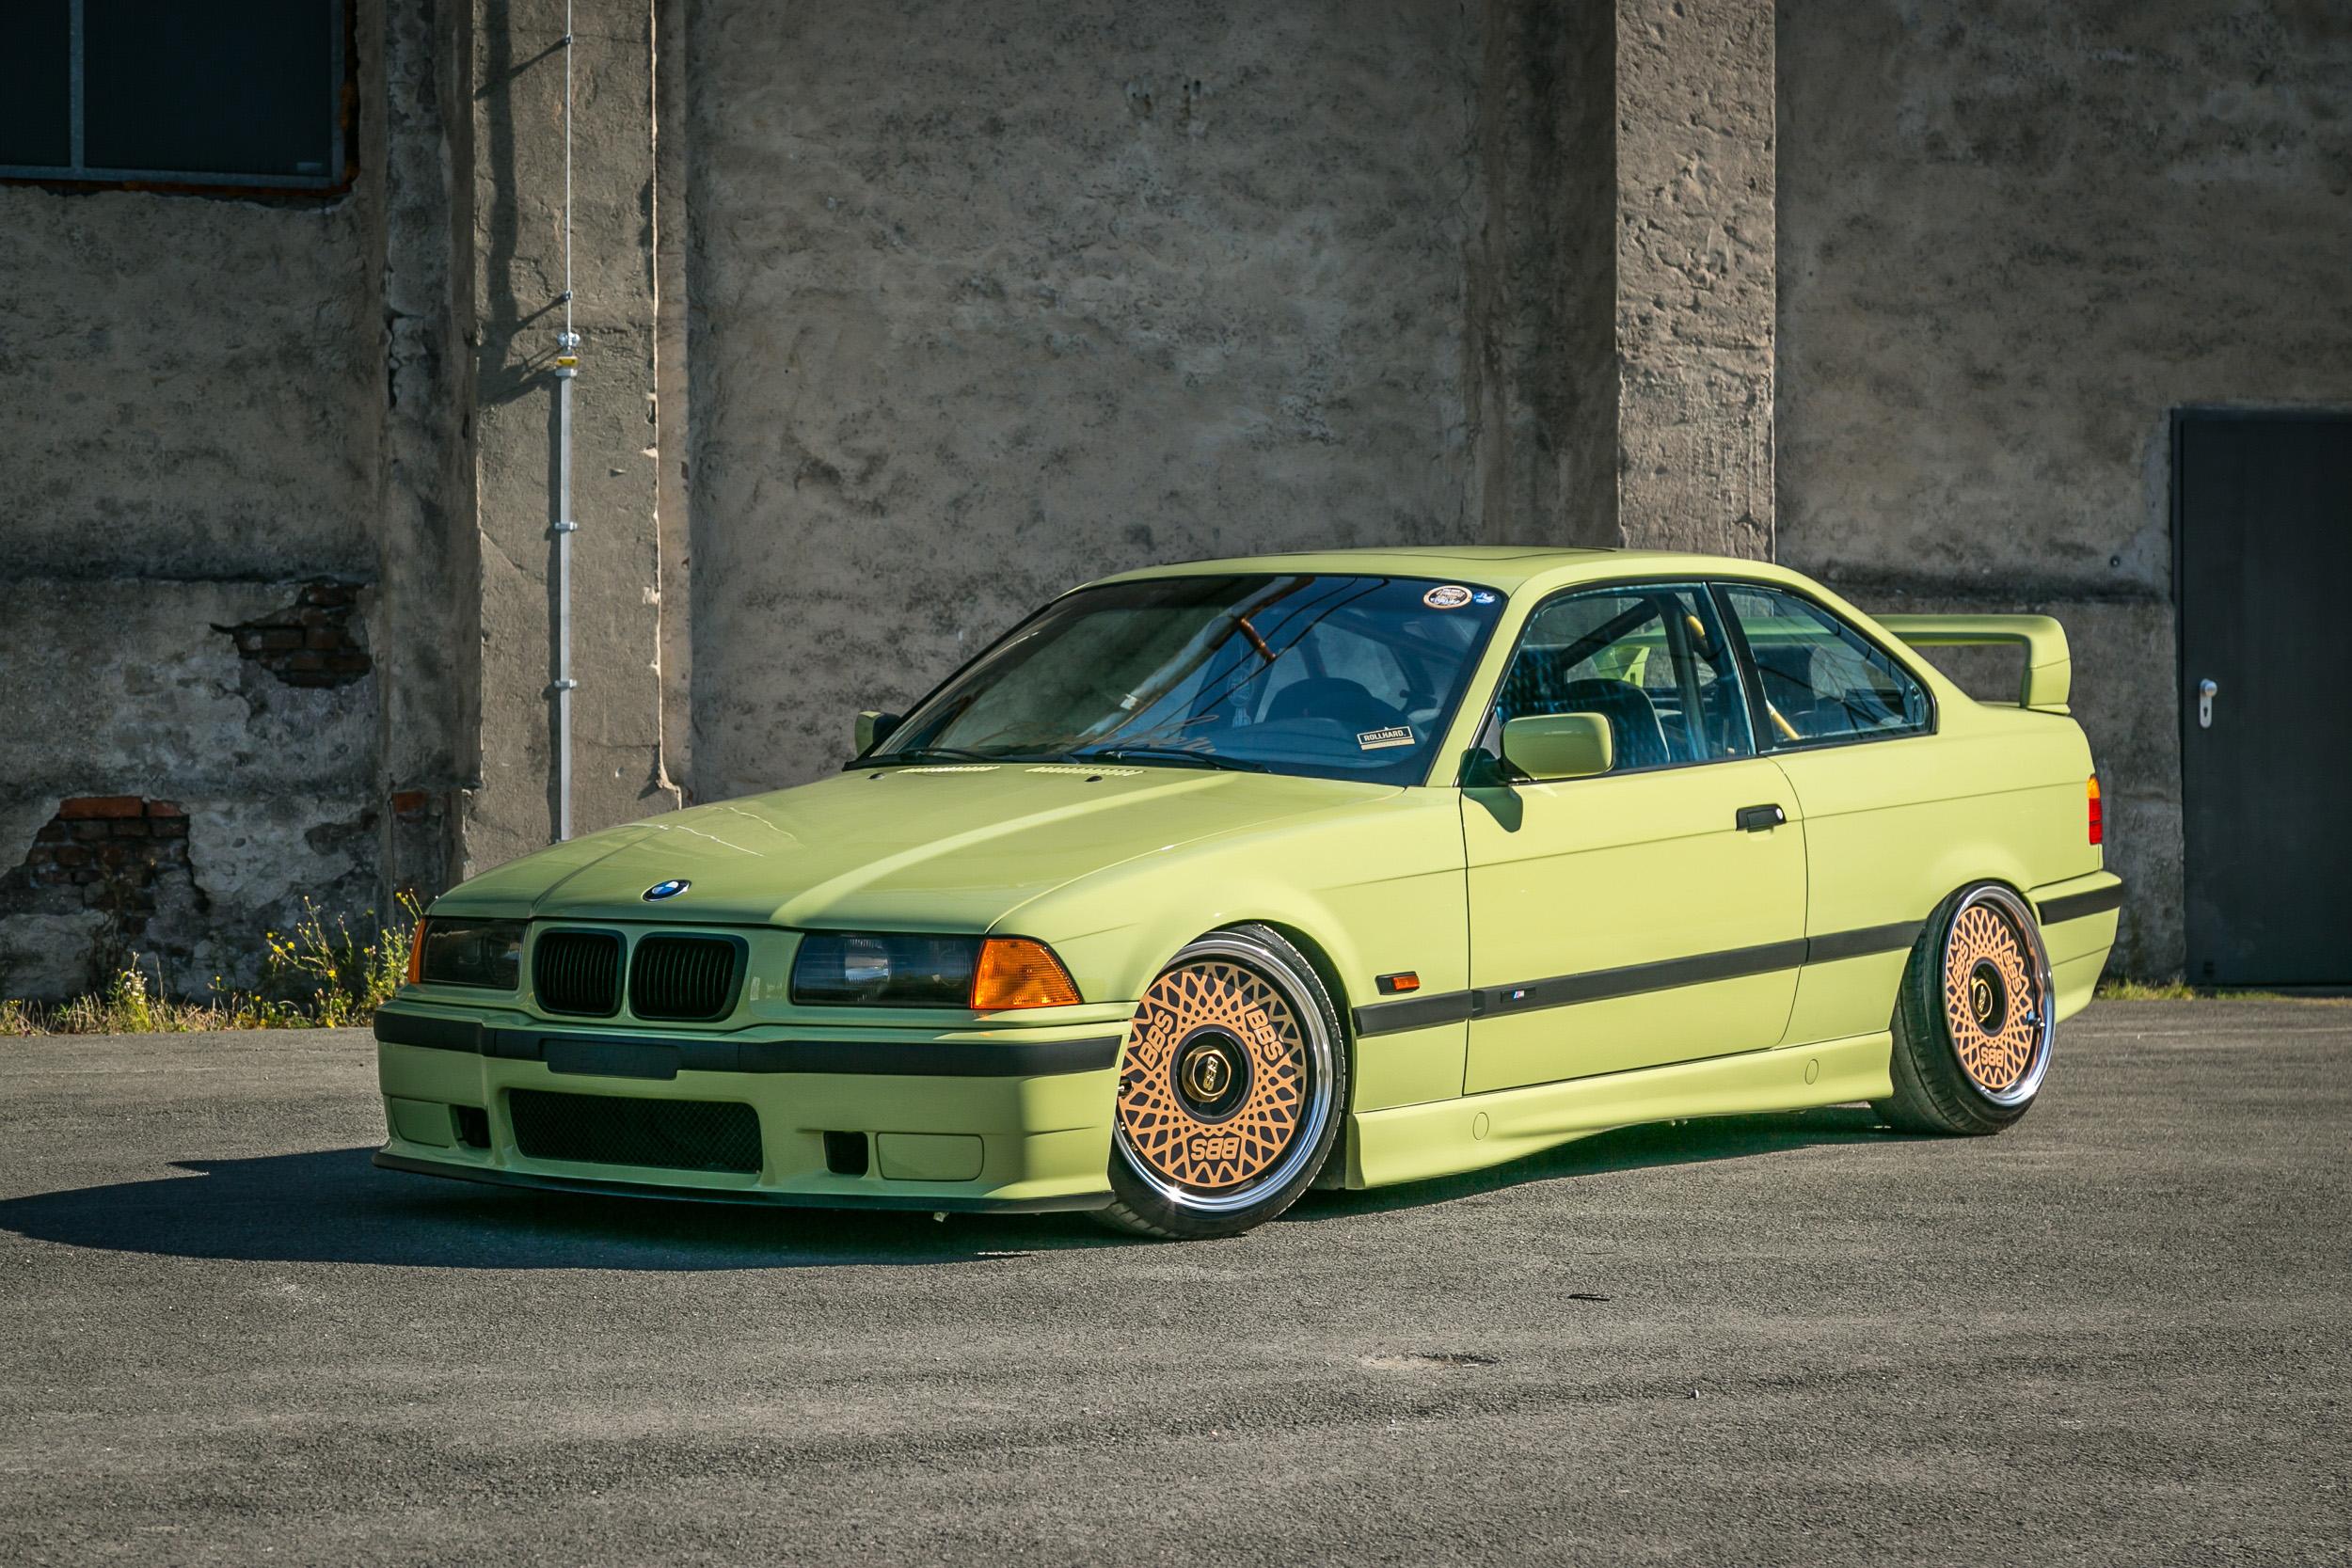 Suche nach BMW E36 pagenstecher Deine Automeile im Netz